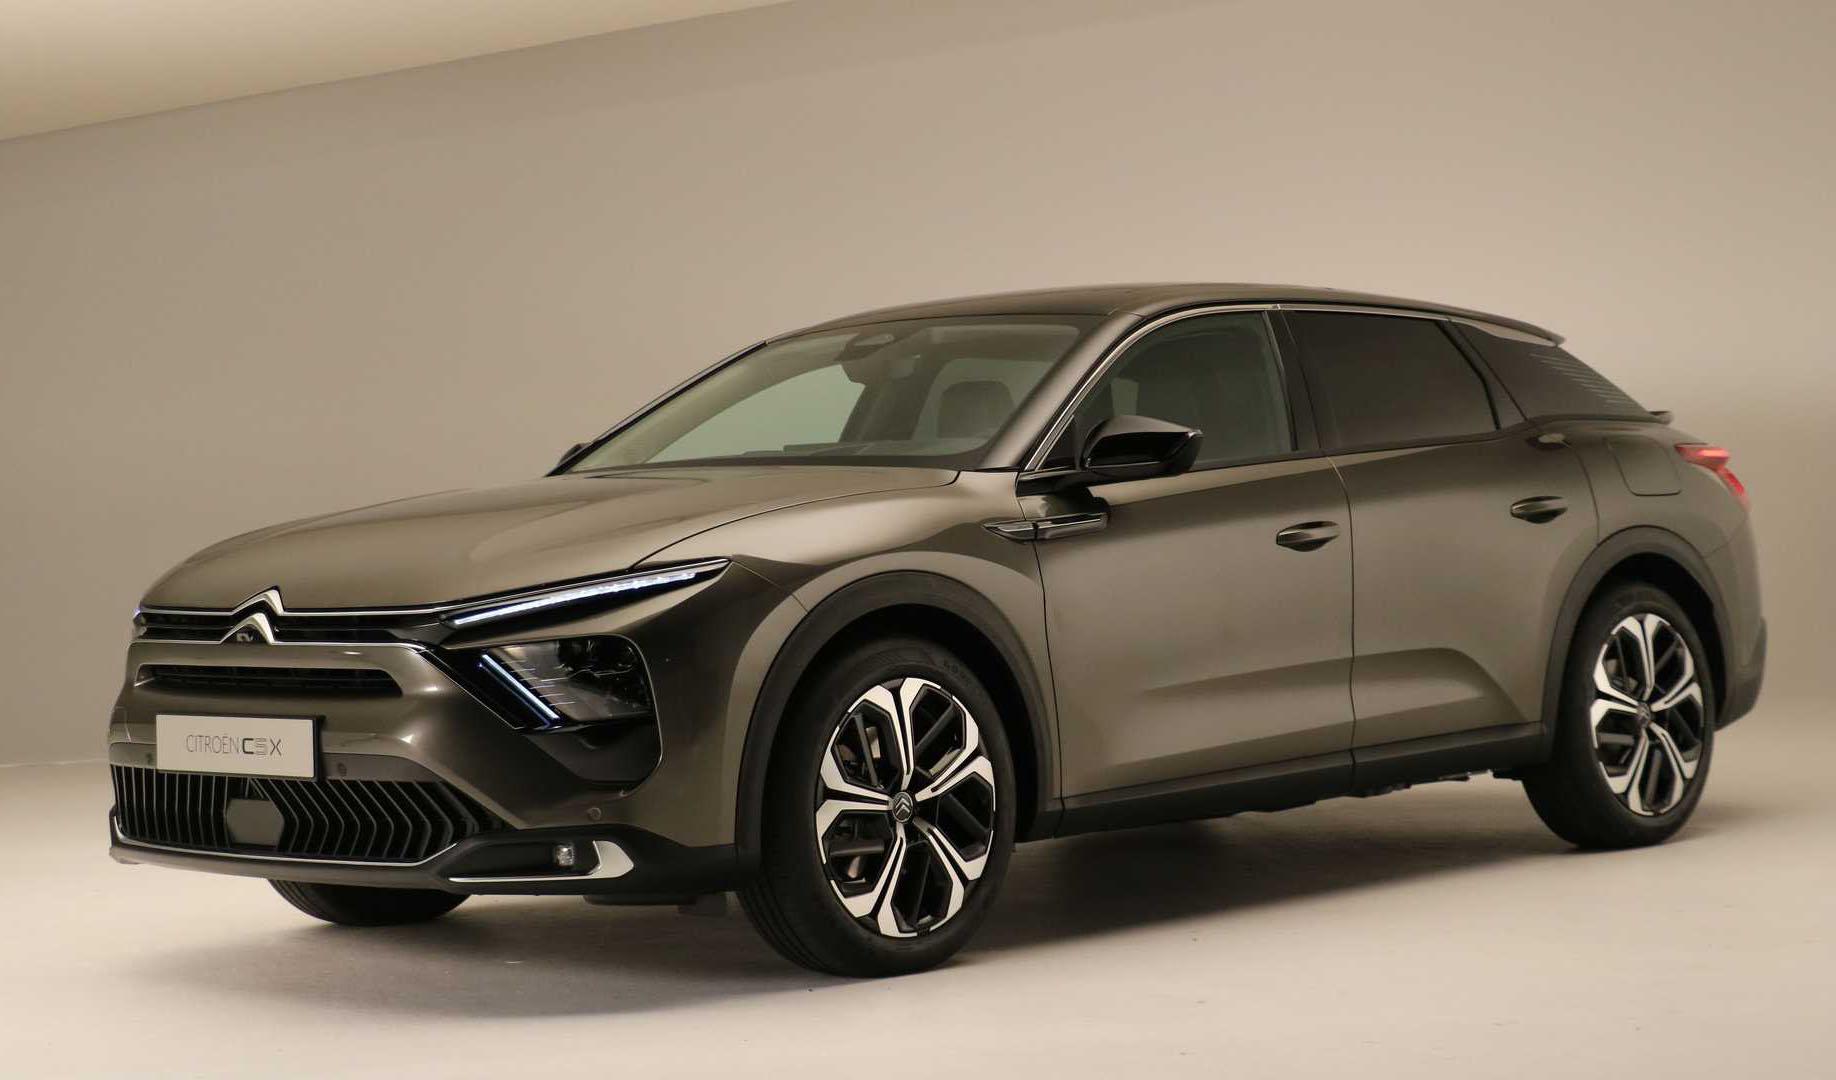 سیتروئن C5 X جدید معرفی شد؛ خودرویی بین سدان، واگن و شاسیبلند